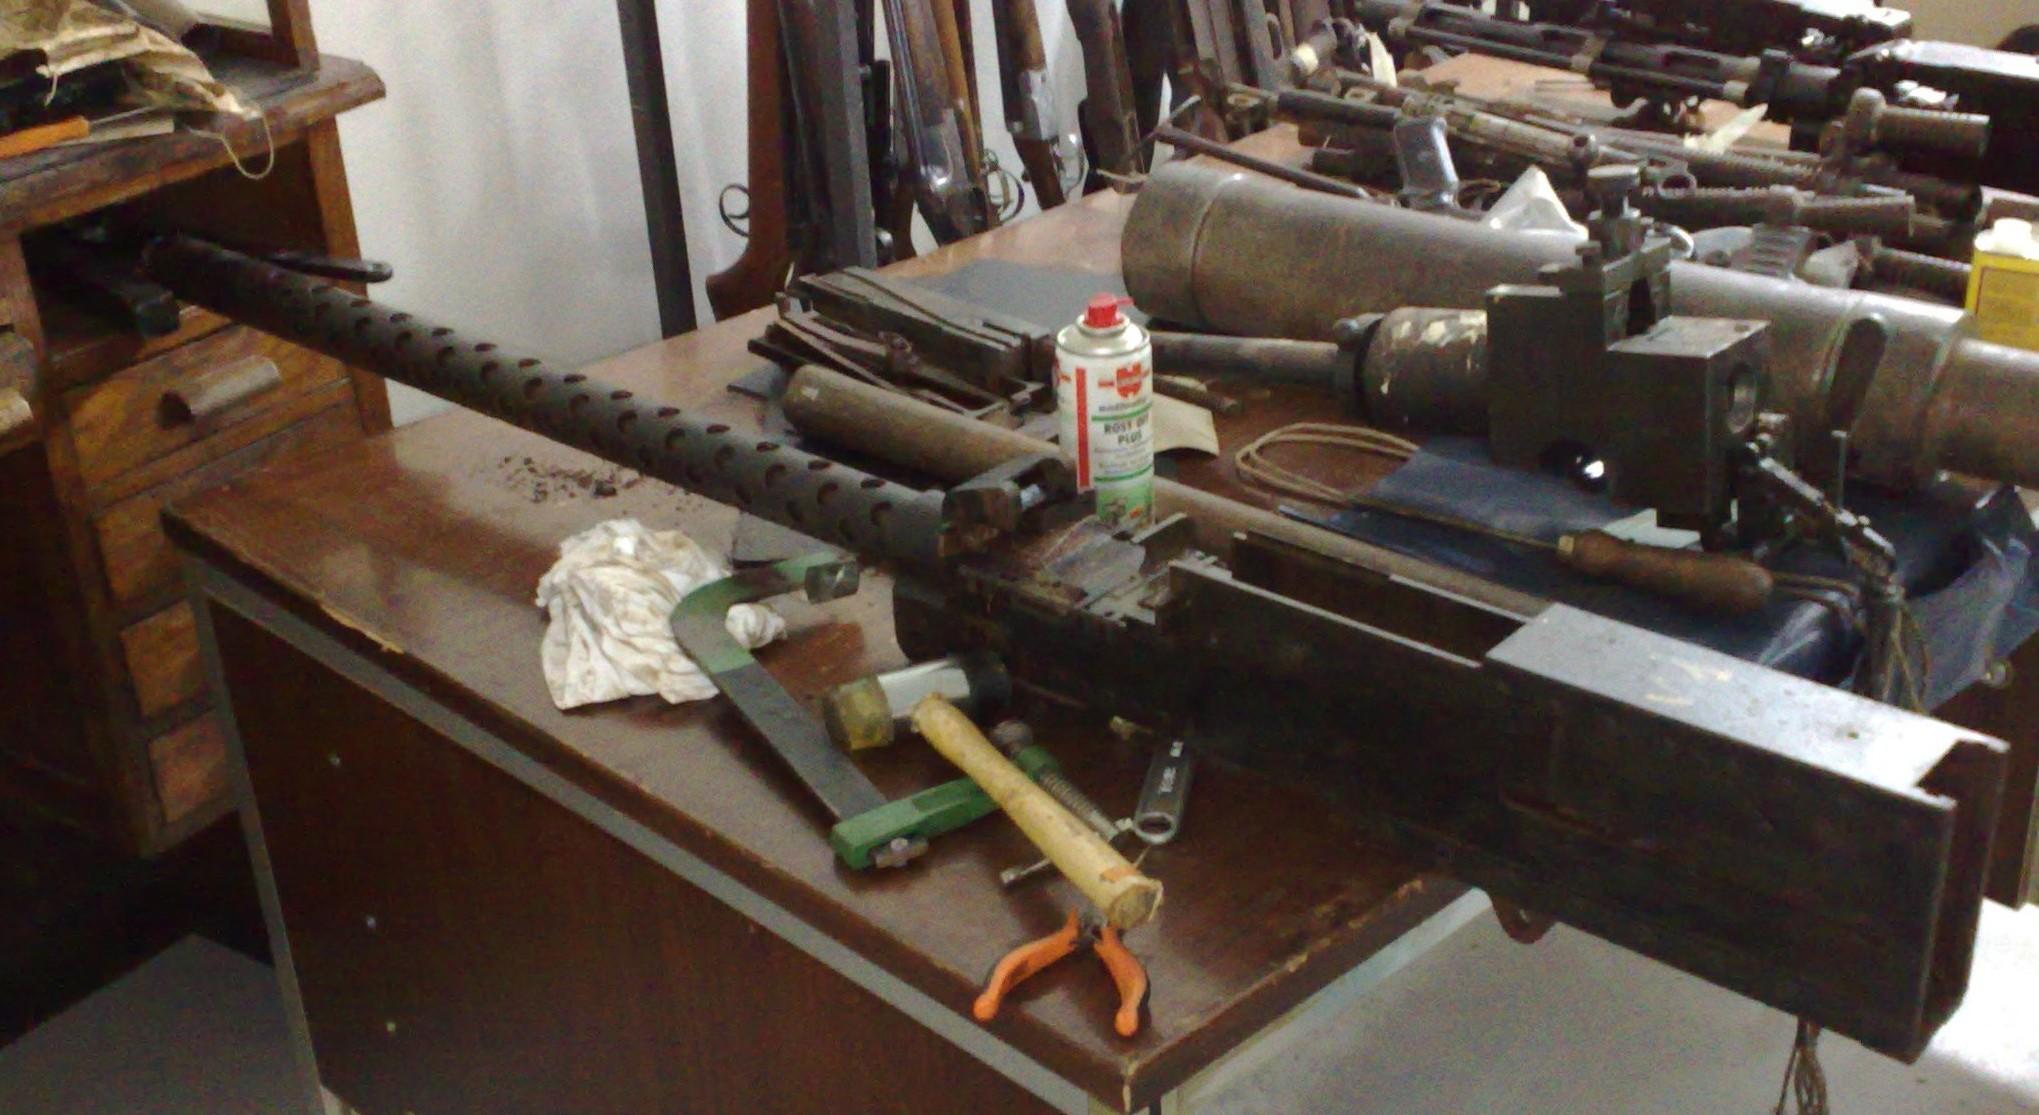 Fucile professionale da softair spettacolo honda dominator for Rastrelliera per fucili softair